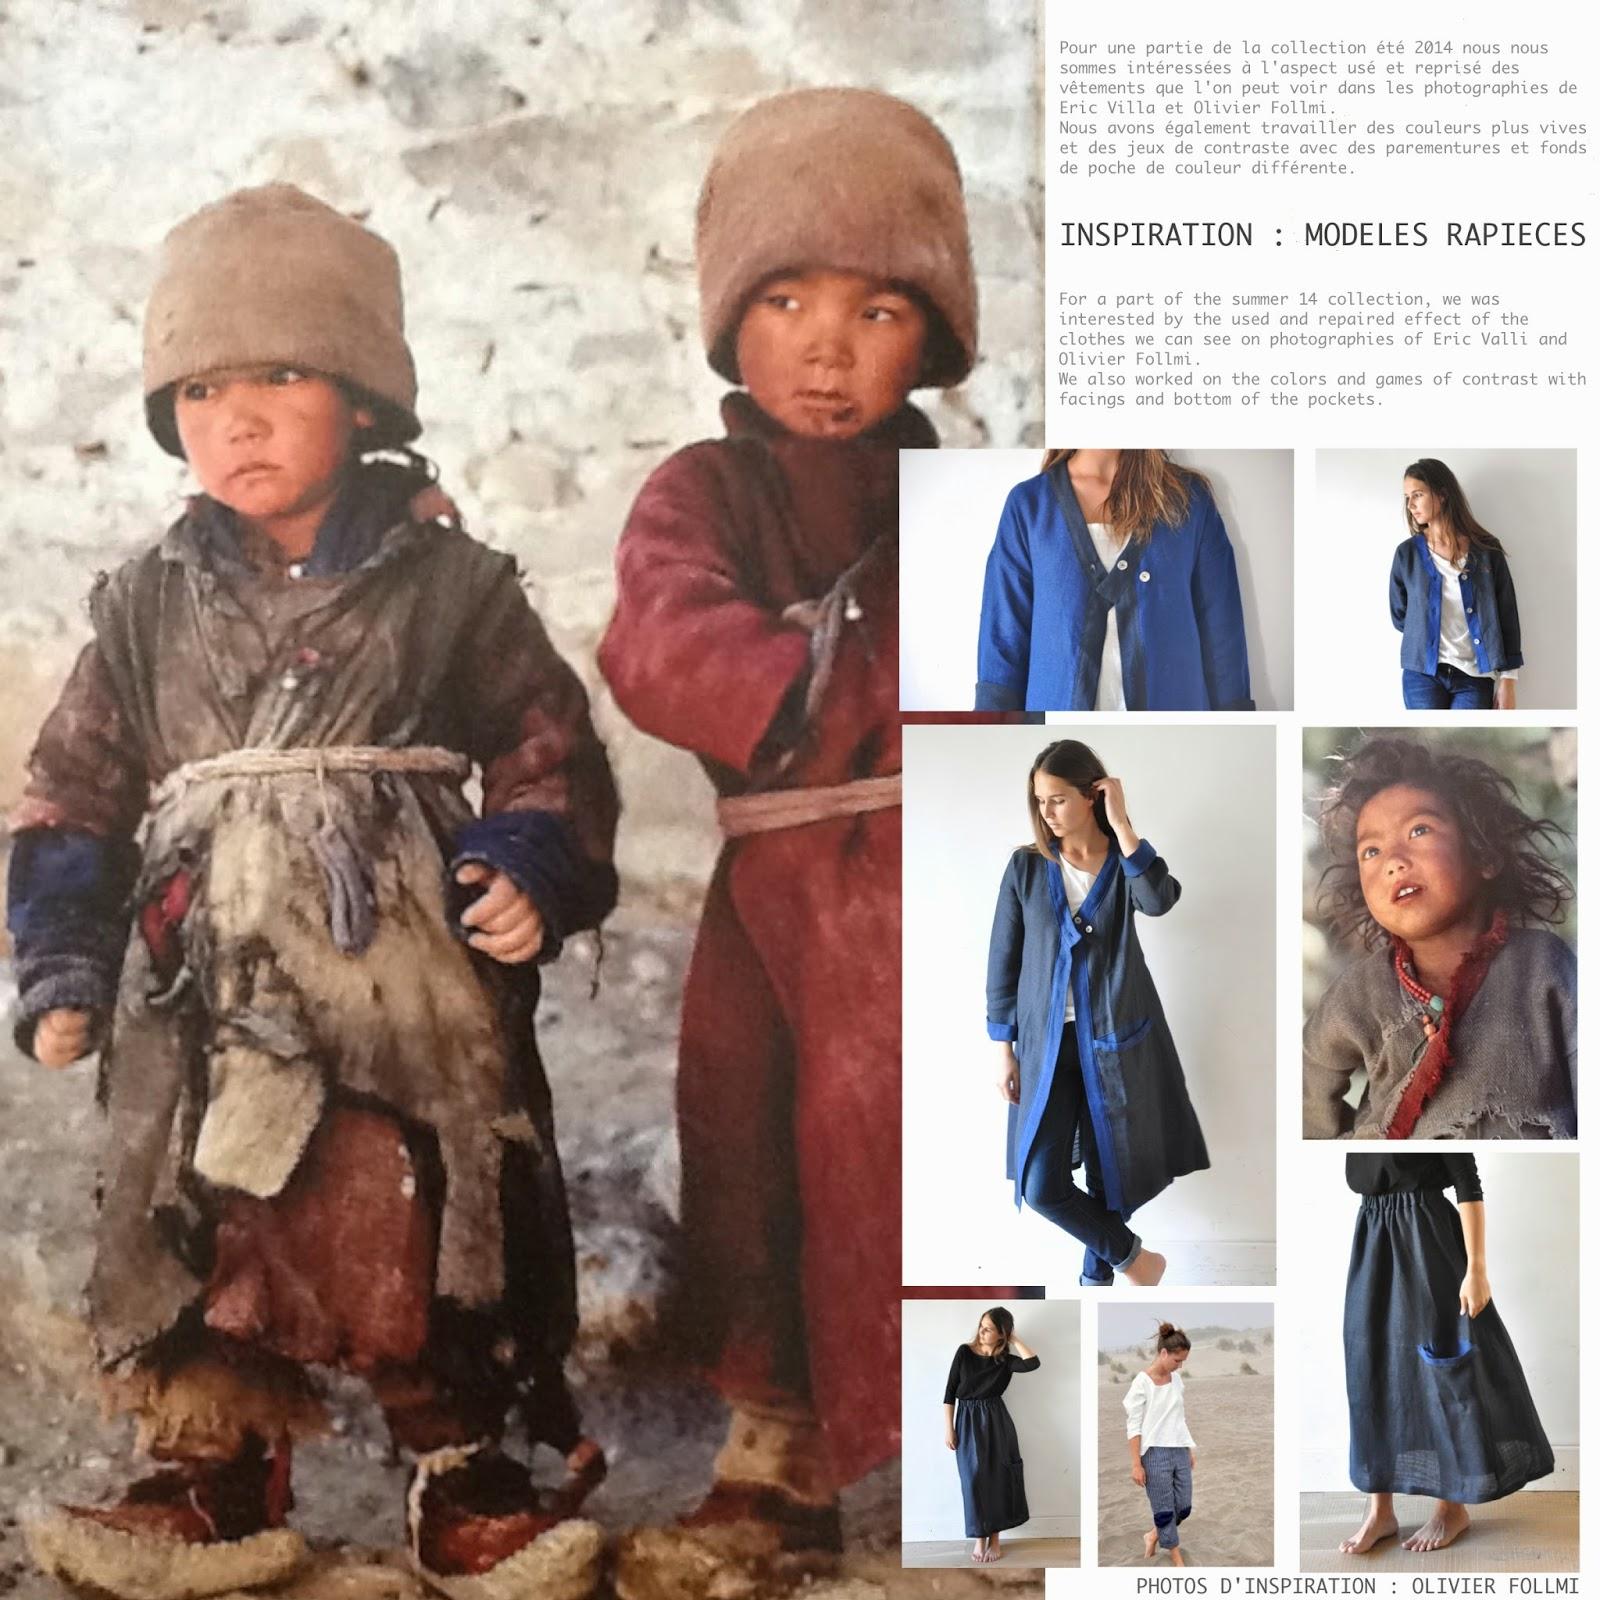 http://www.vdj-boutique.com/vdj/1193-modeles-rapieces.php